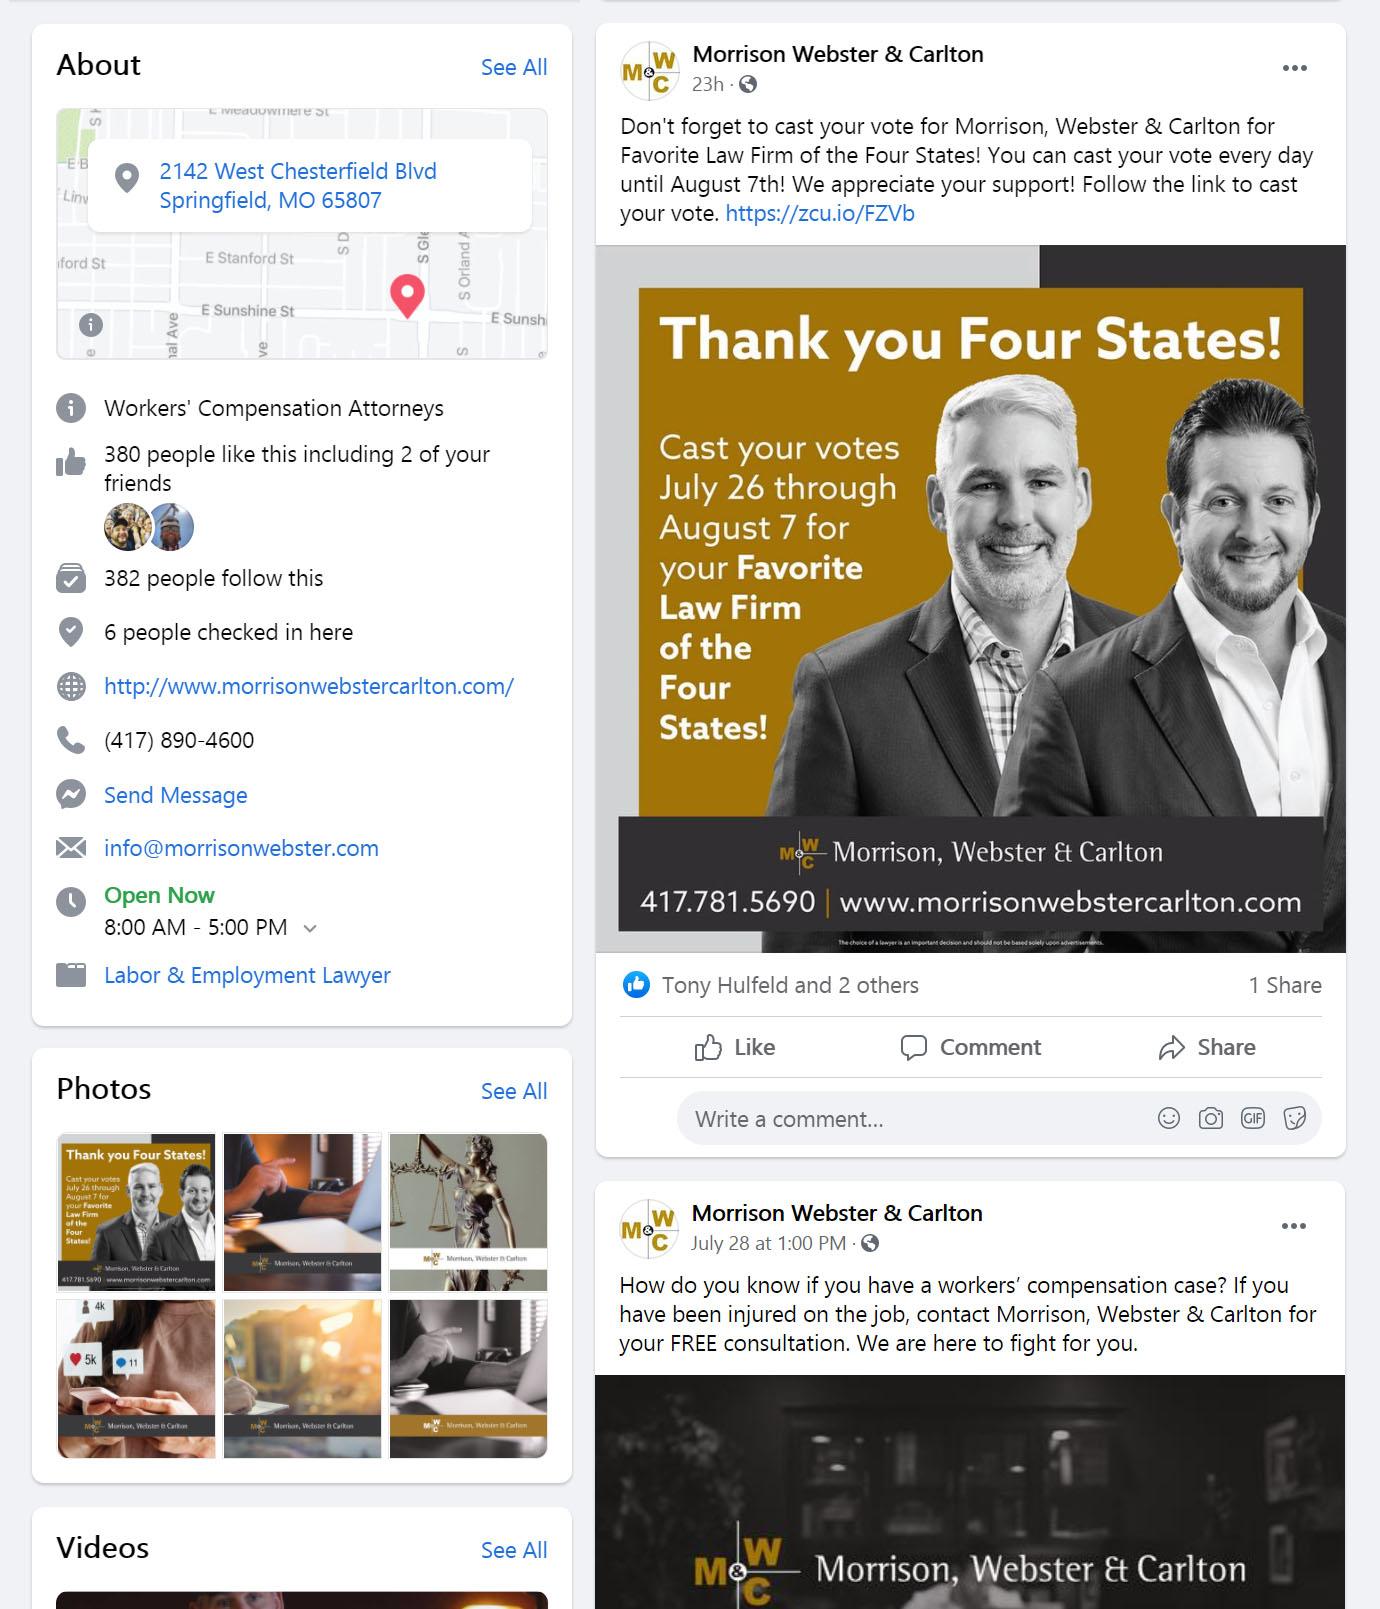 Morrison Webster Carlton Facebook Page Social Media Management